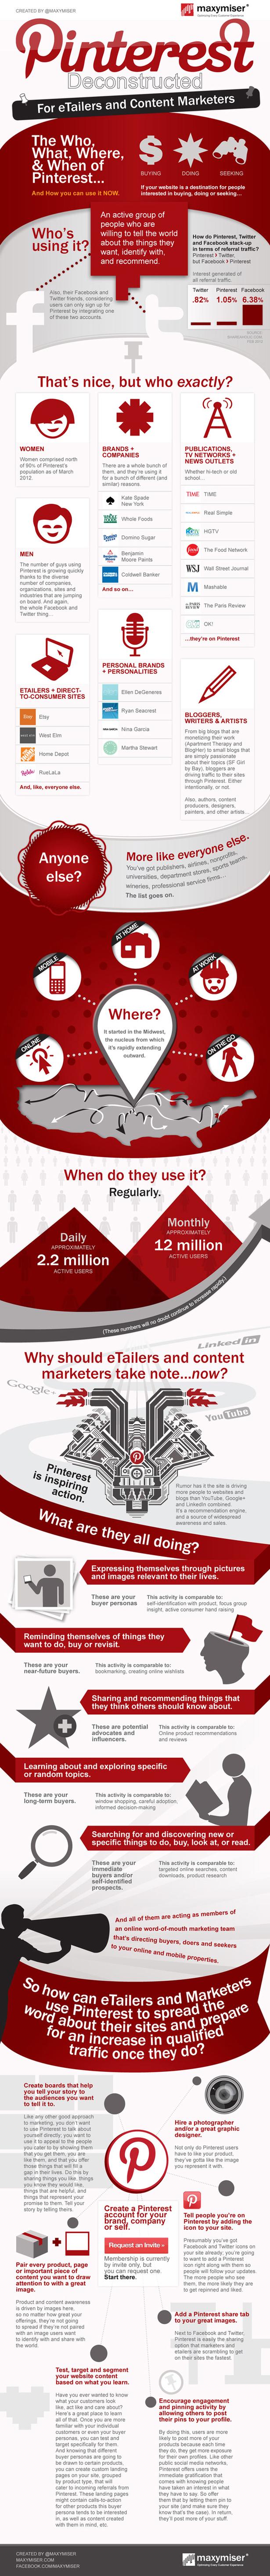 social media infographic pinterest